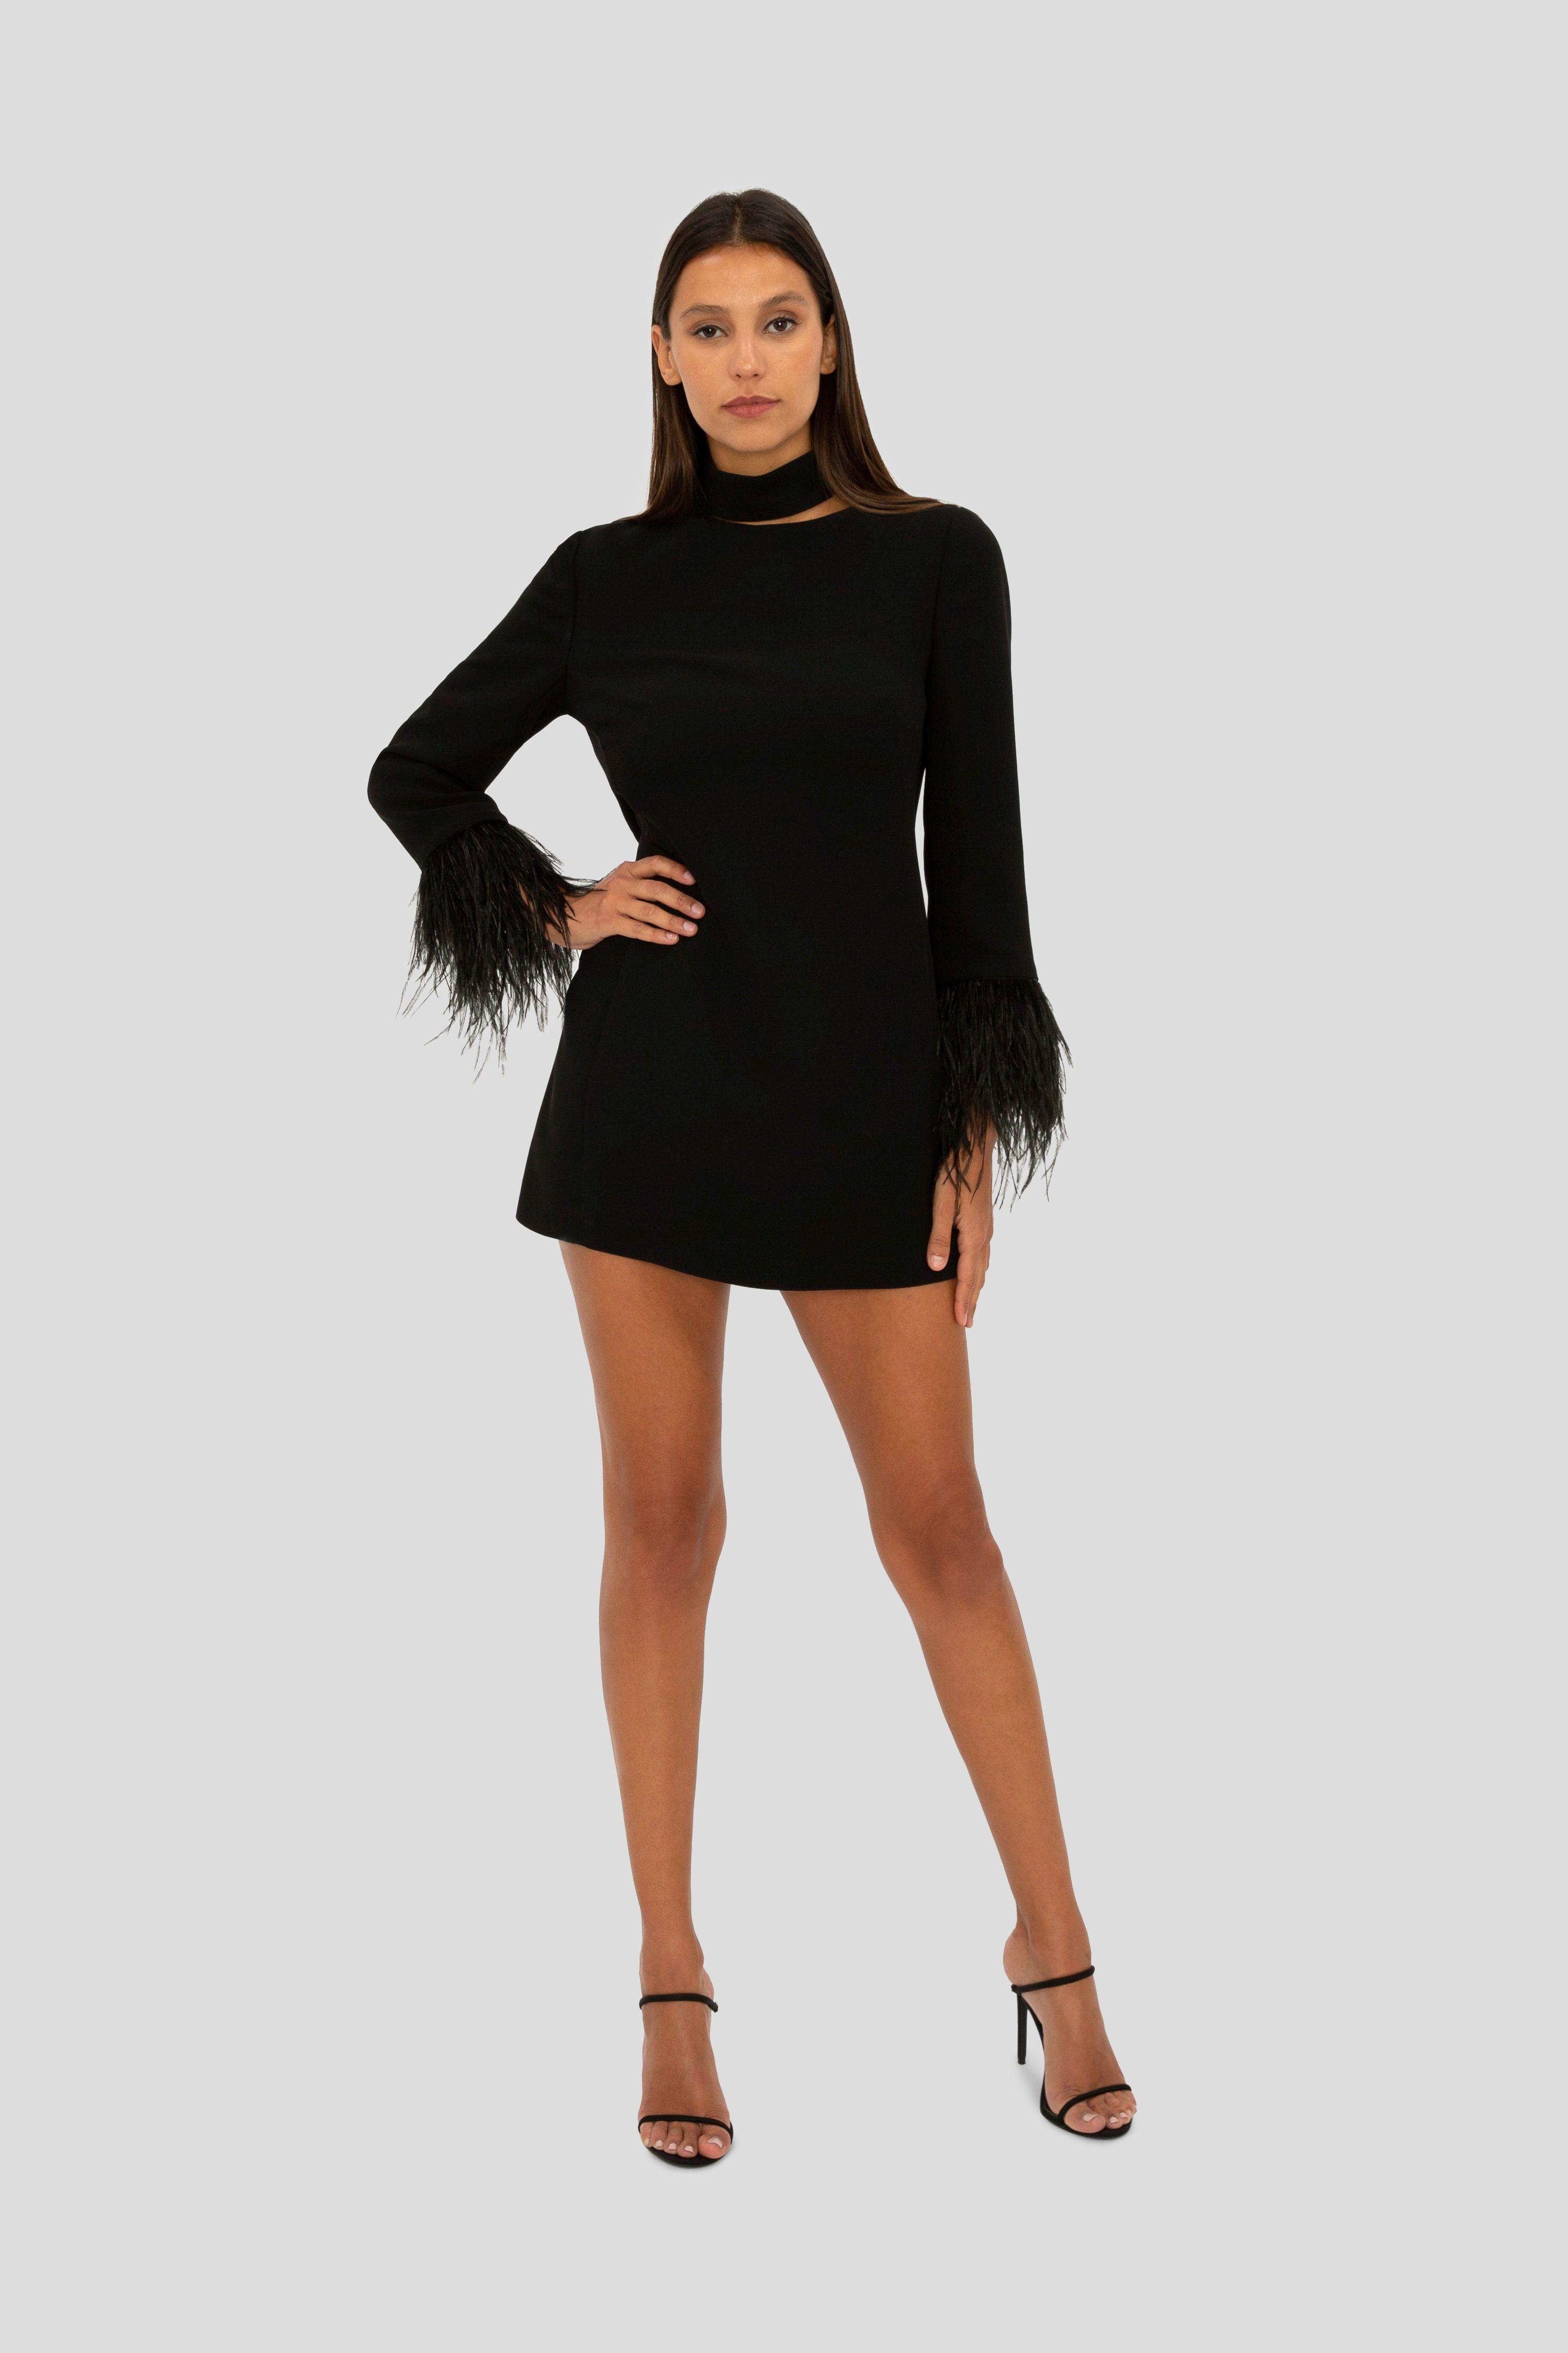 Black Feather Trim Mini Dress Mini Dress Fashion Dresses [ 4426 x 2950 Pixel ]